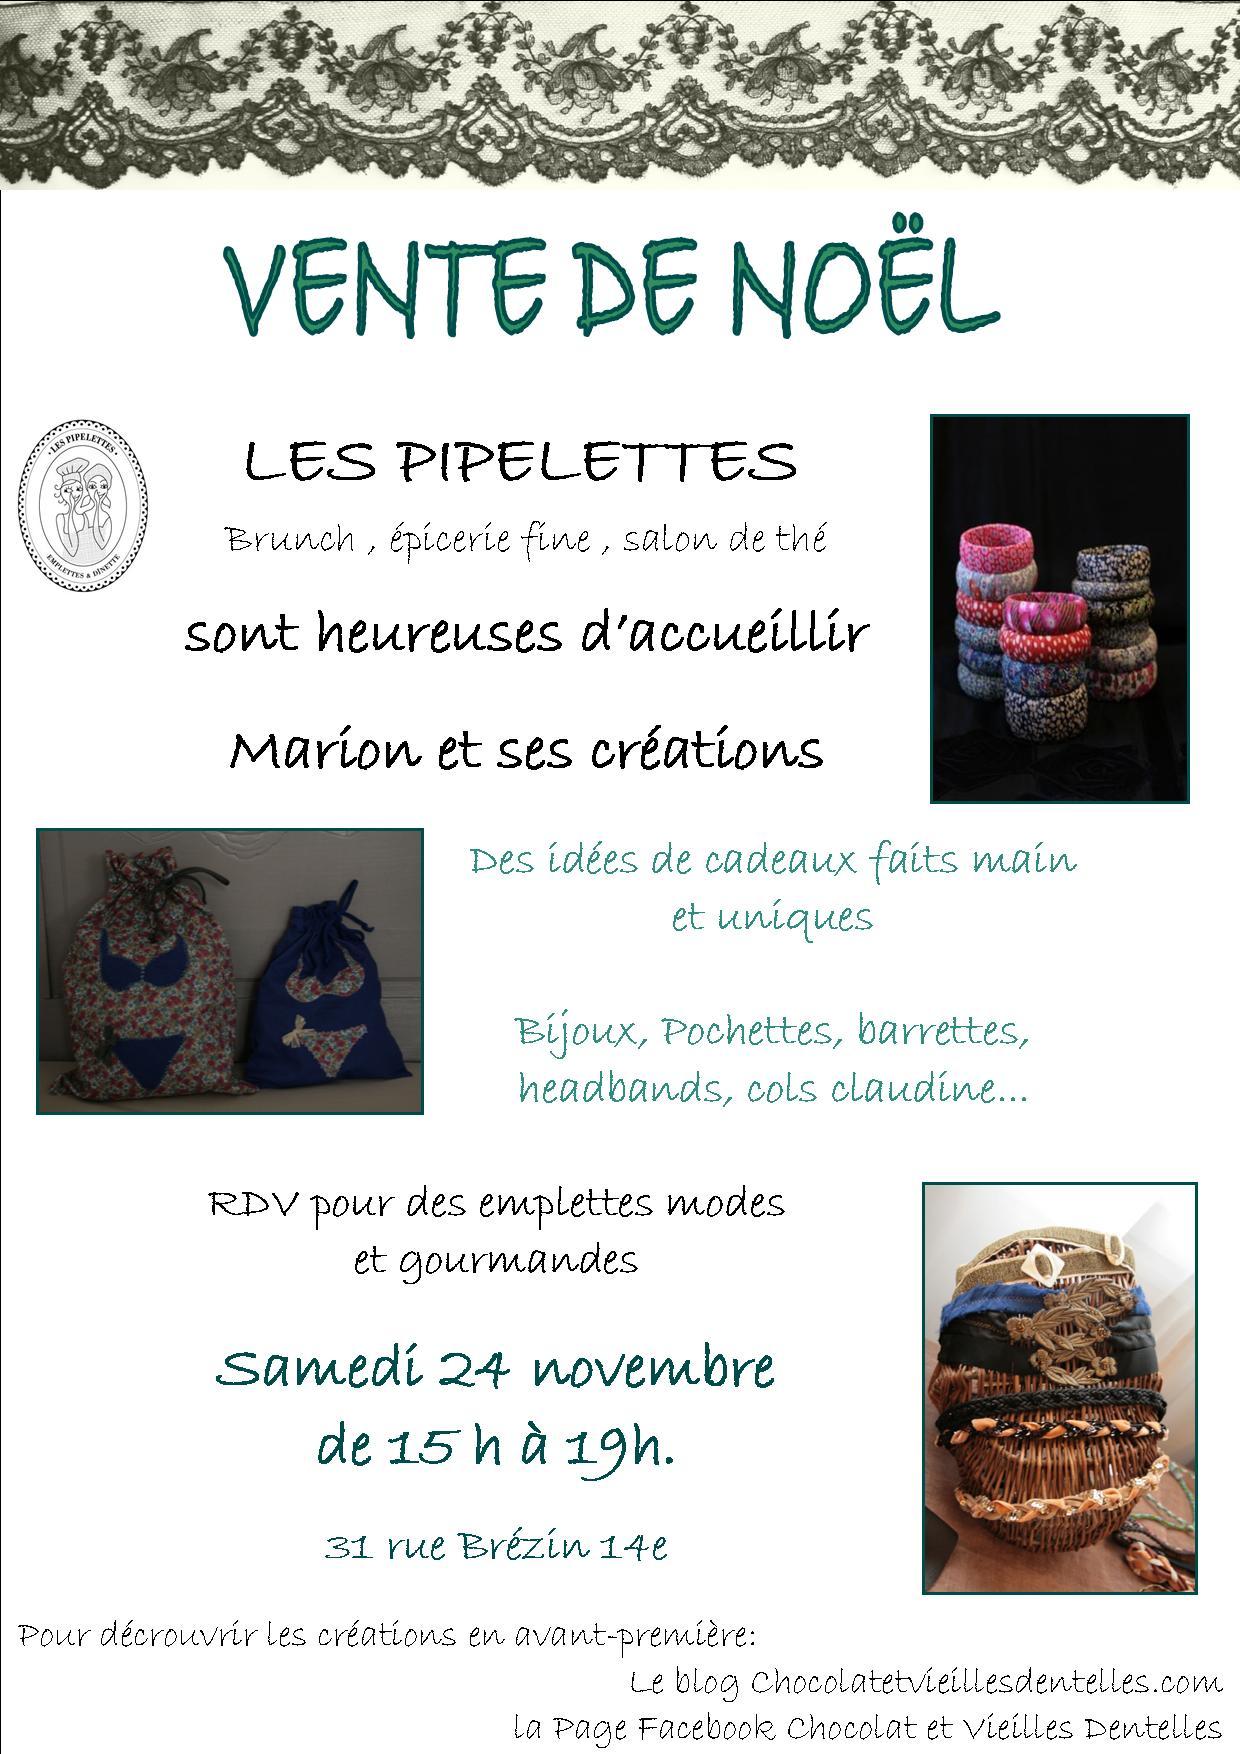 Vente de no l chocolat et vieilles dentelles - Vente des cadeaux de noel ...